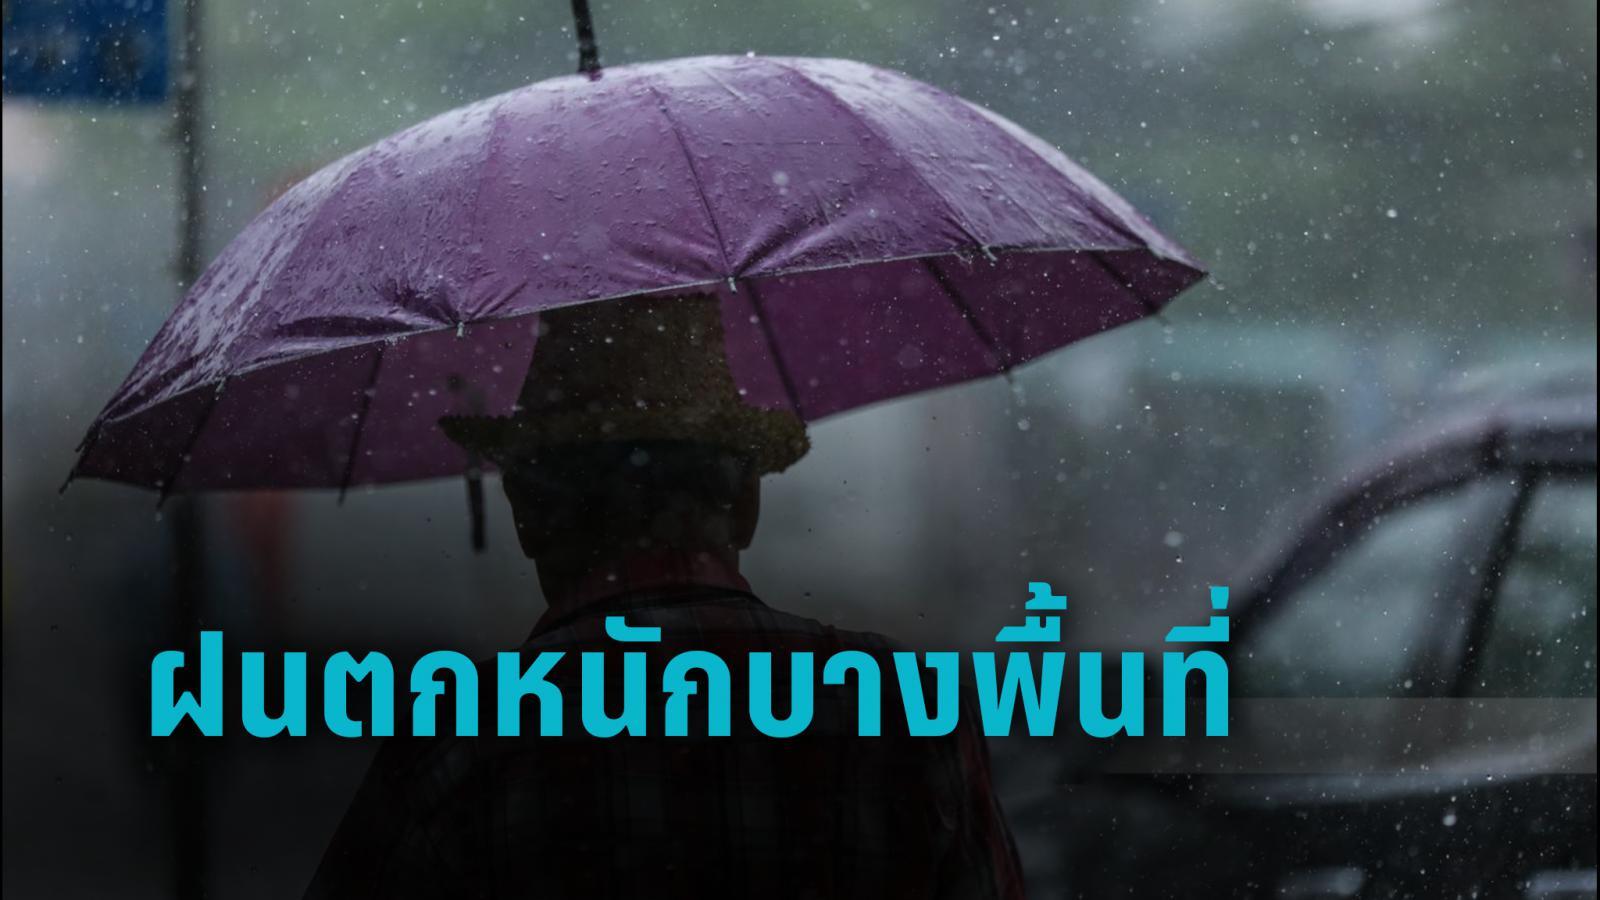 อุตุฯ เตือนระวังฝนตกหนัก-ลมกระโชกแรงทั่วไทย